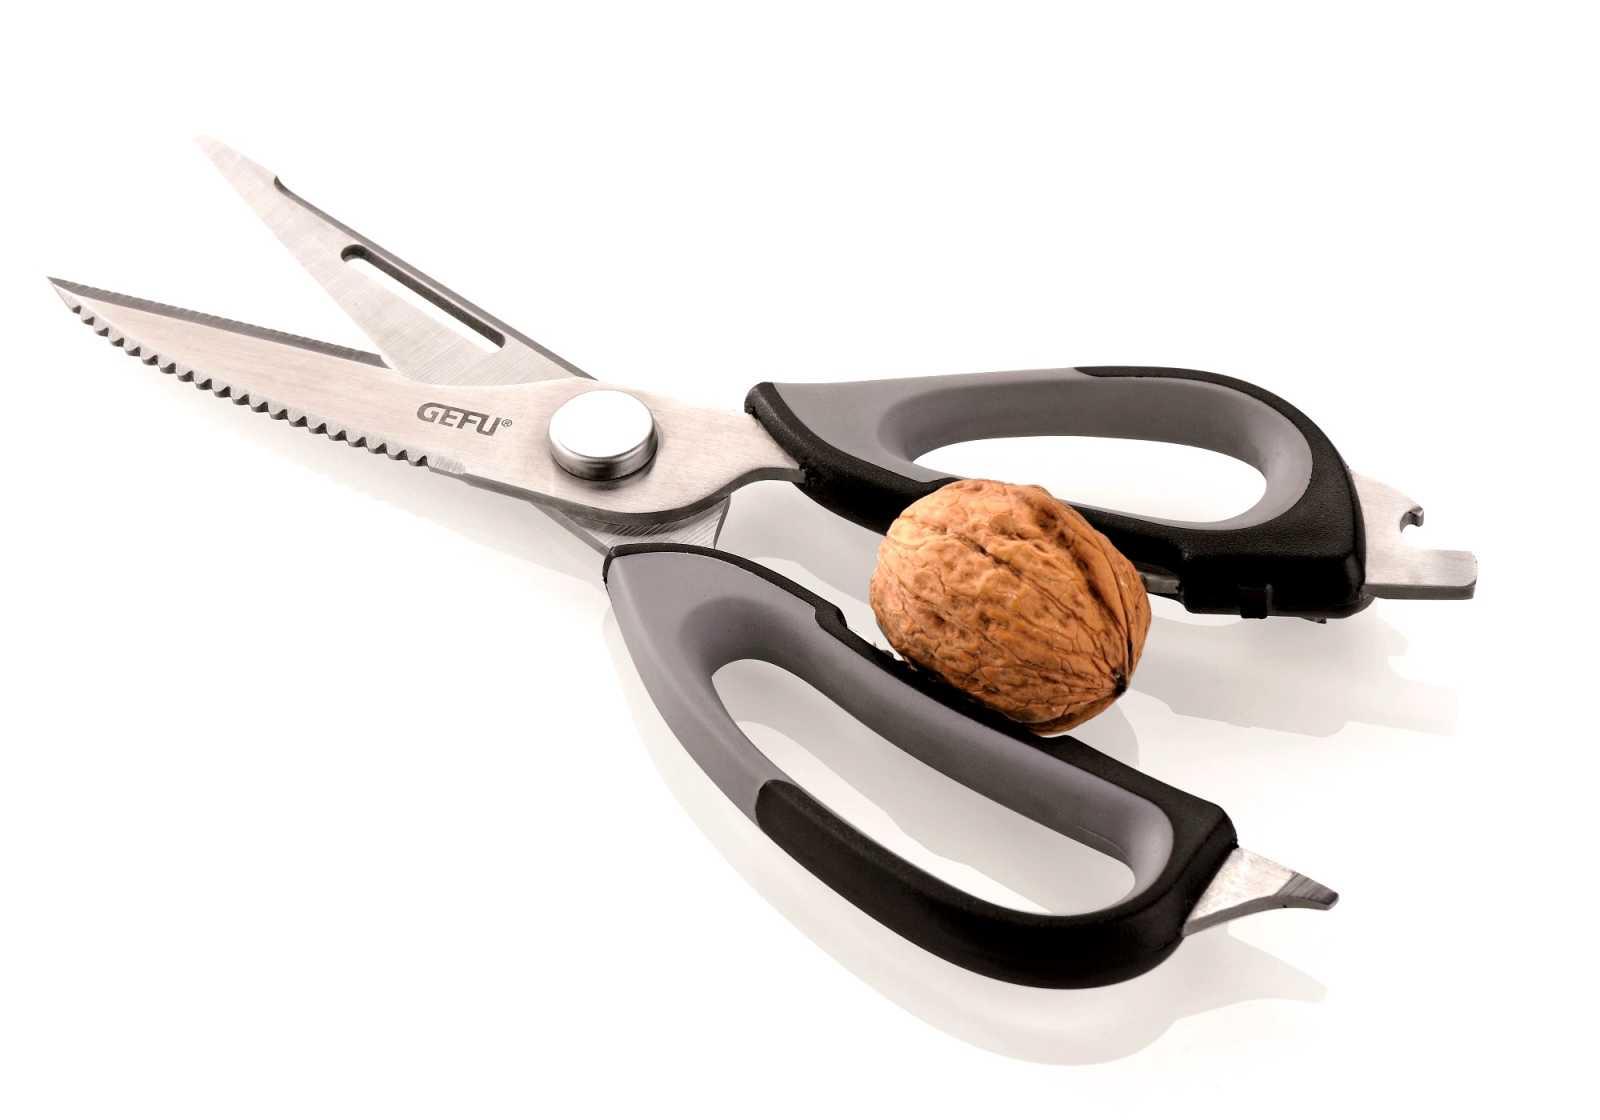 Онлайн каталог PROMENU: Ножницы многофункциональные GEFU Chopping, серебристый                               12670